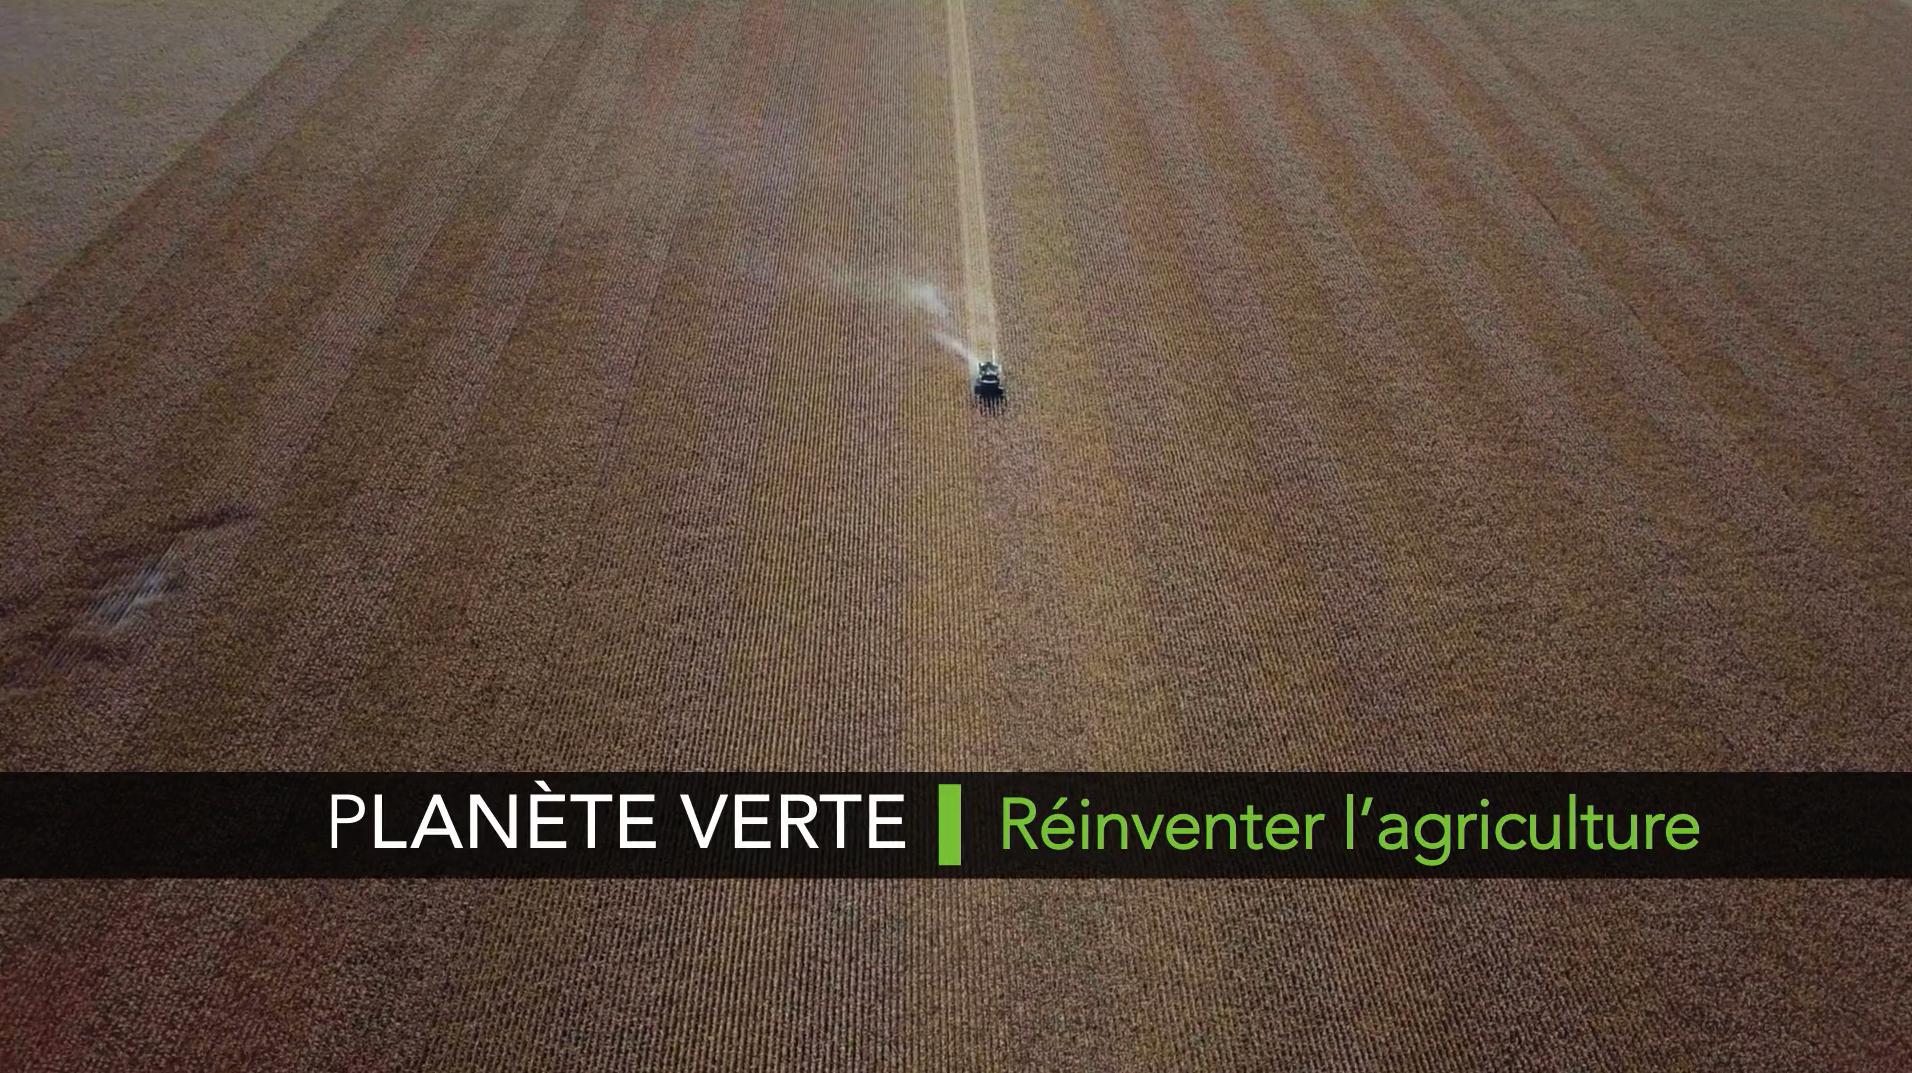 Planète verte, réinventer l'agriculture